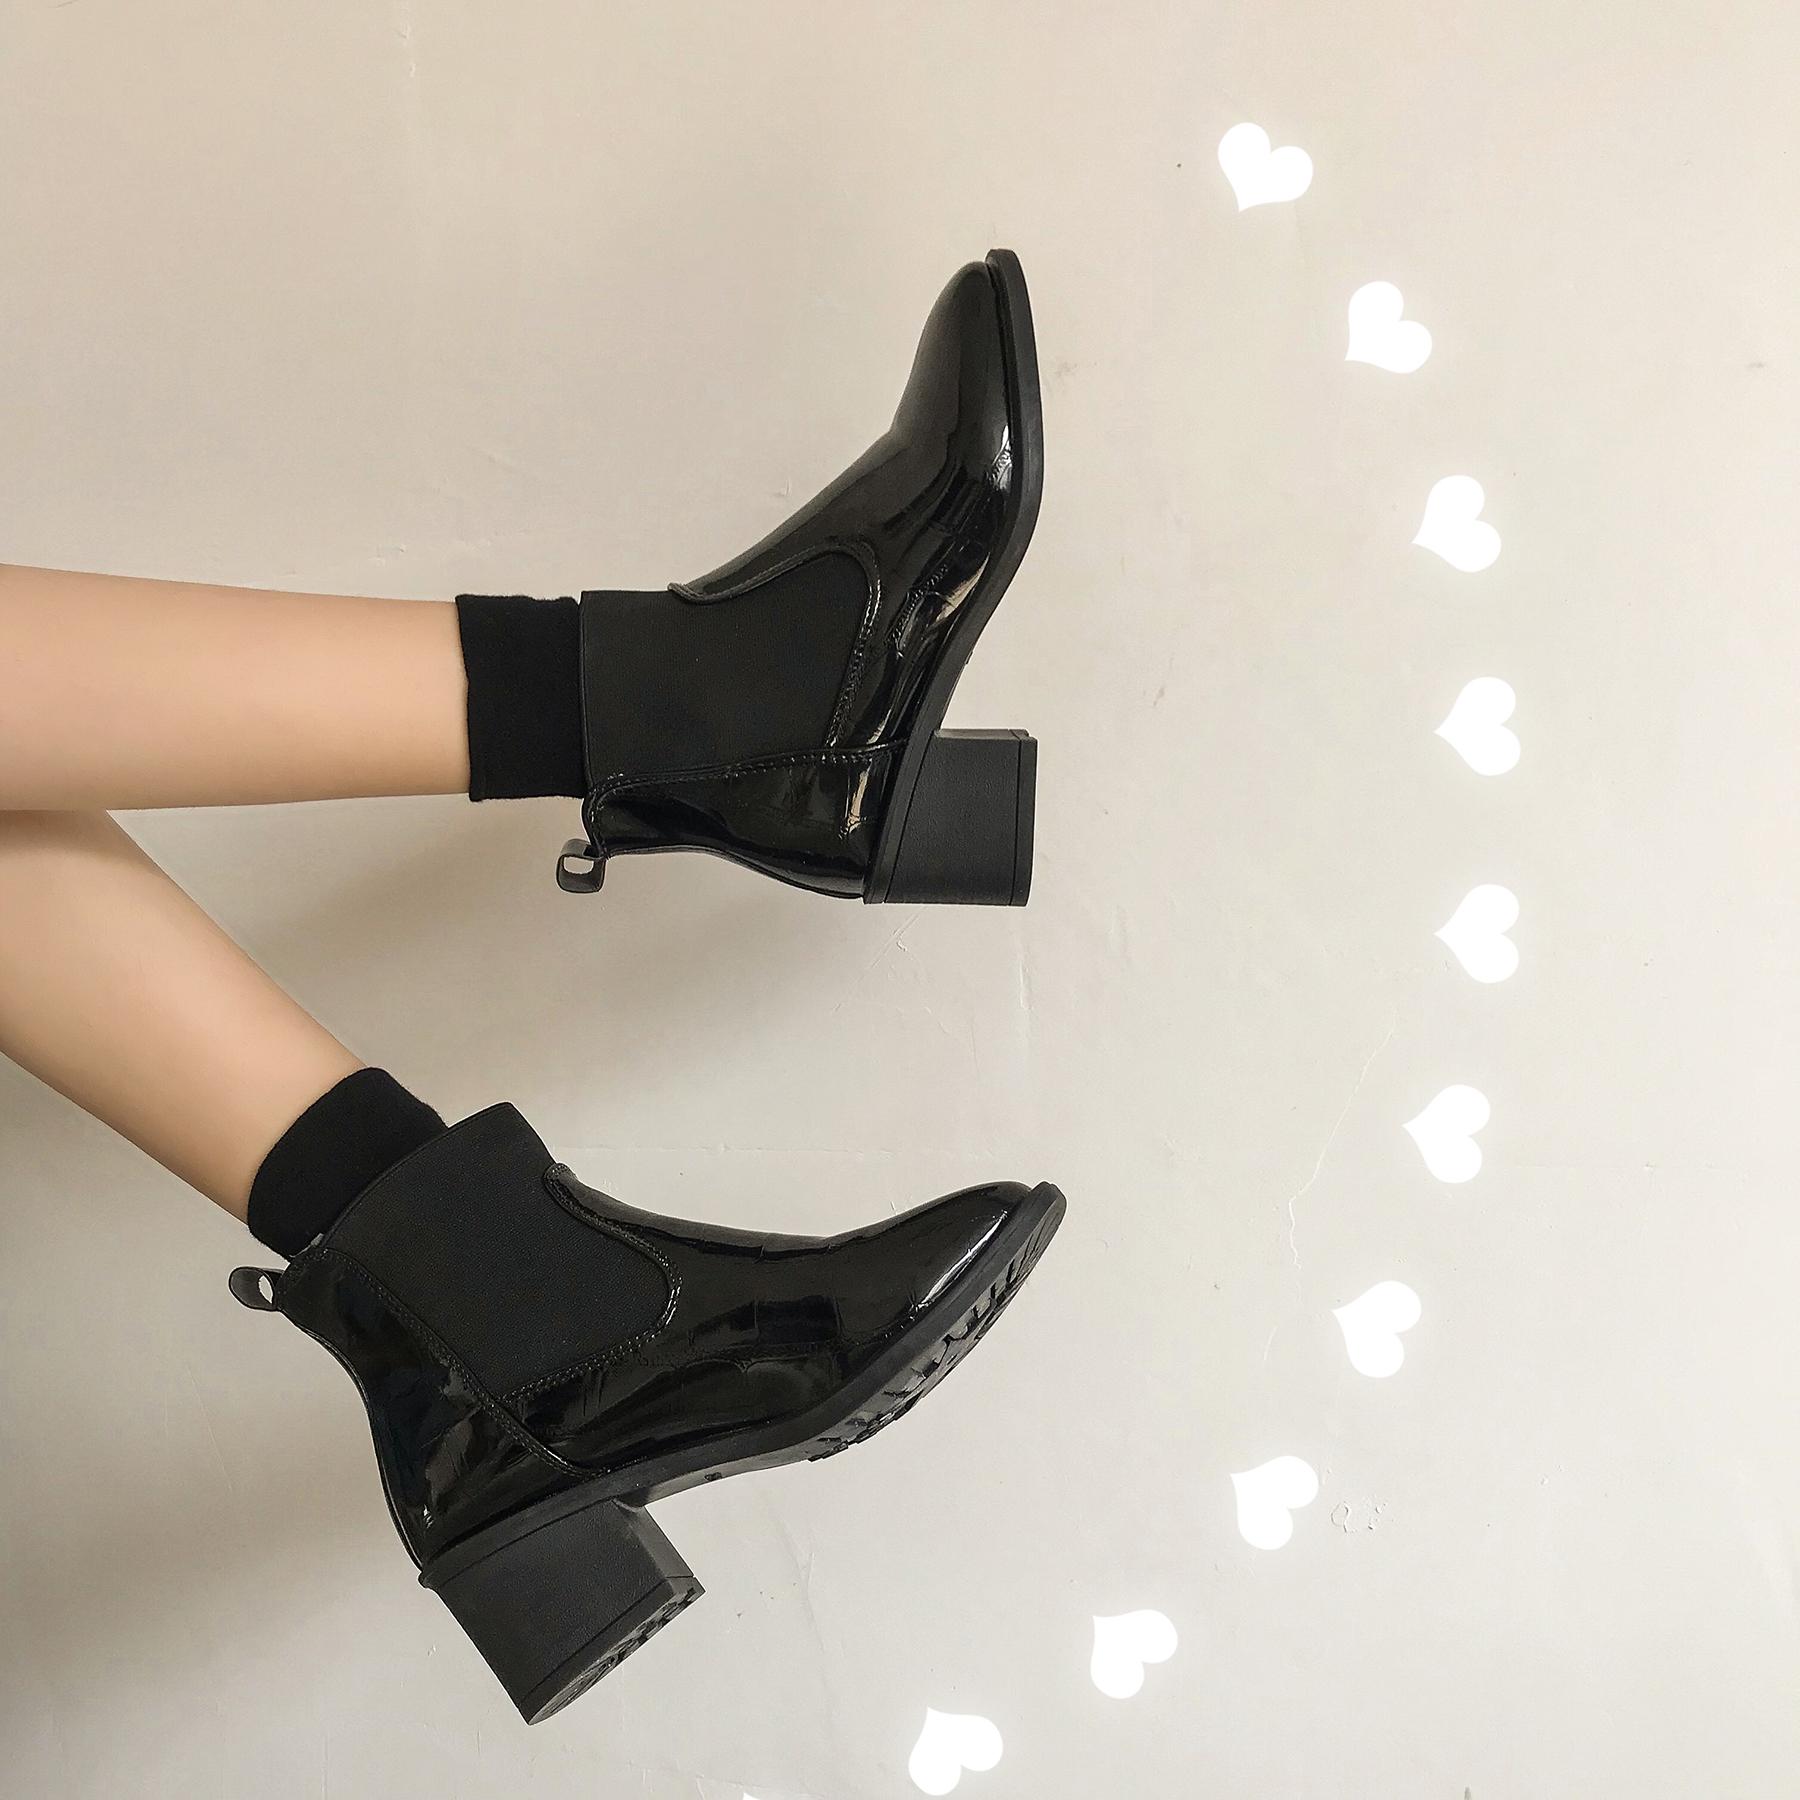 韩版短靴 南在南方马丁靴女2020春季新款韩版网红百搭英伦风中跟粗跟短靴潮_推荐淘宝好看的女韩版短靴